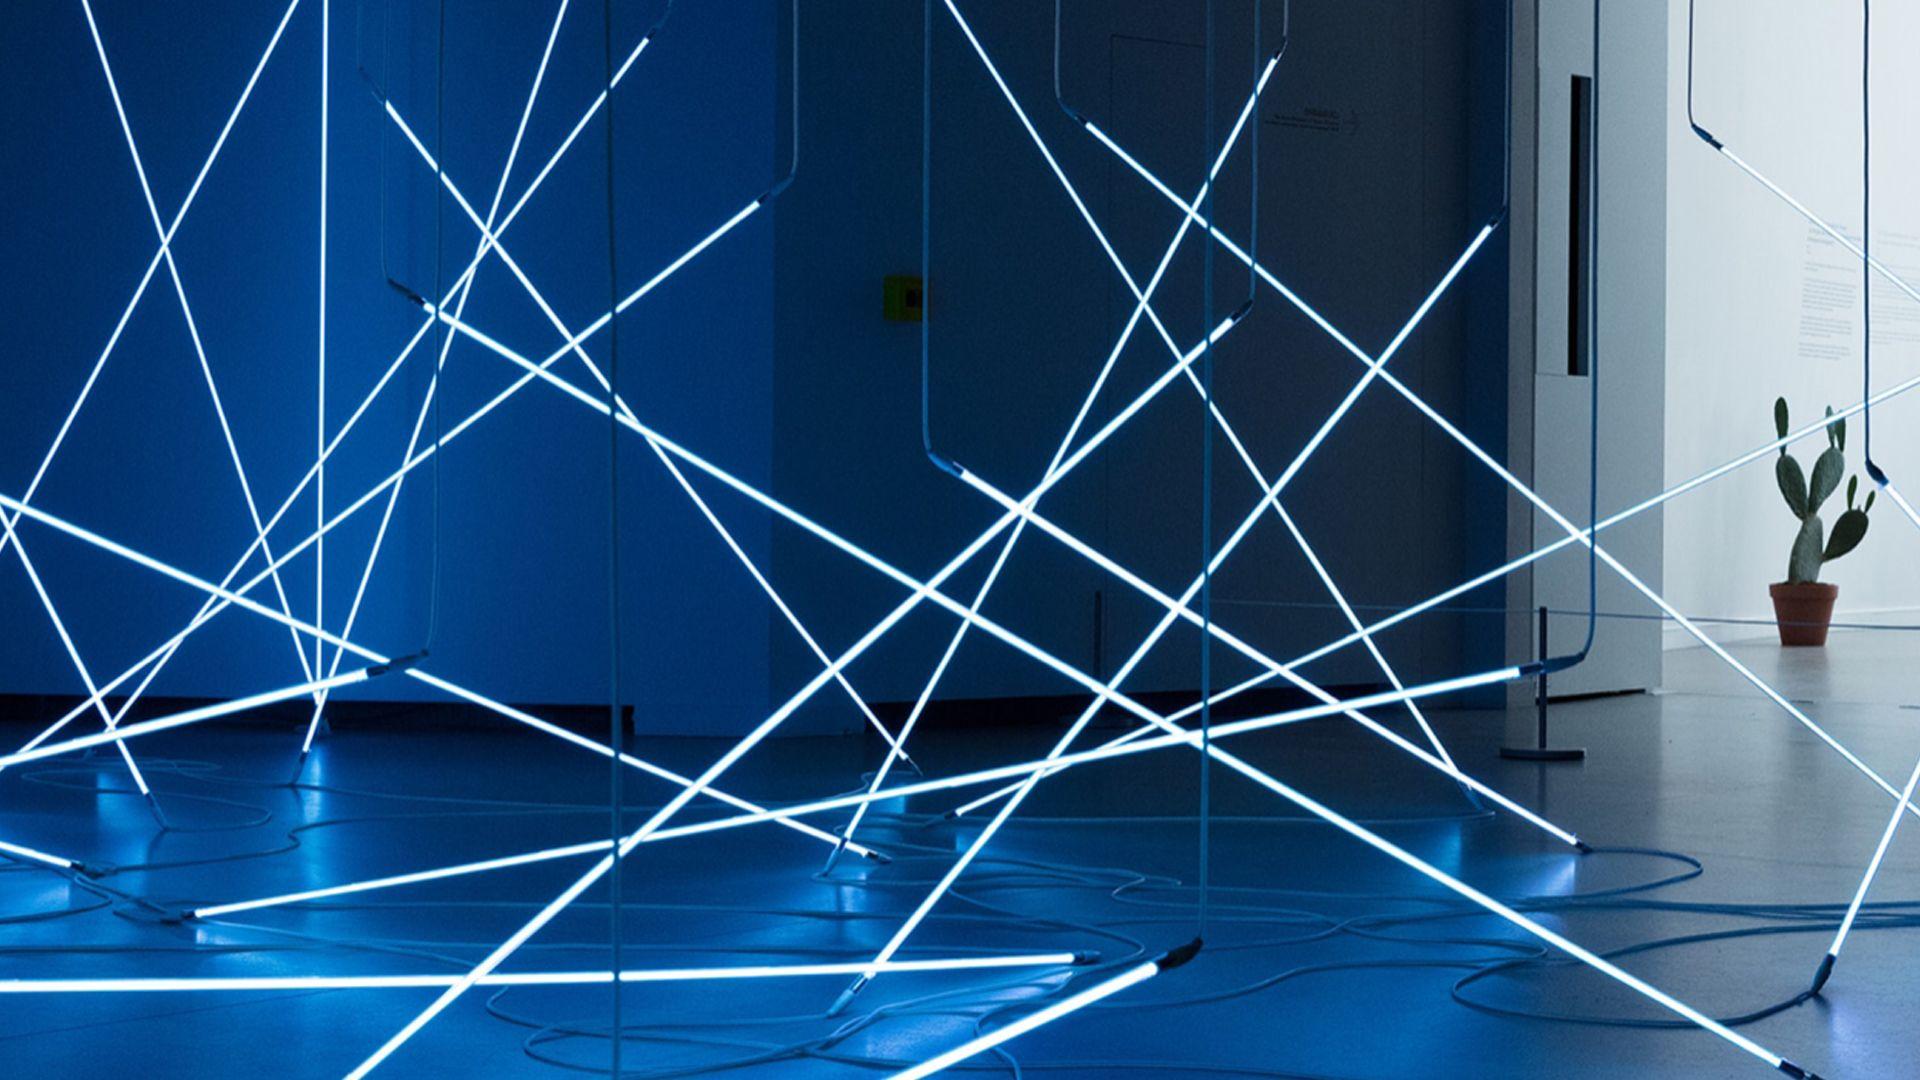 Lighting Design Tips for Interior Design